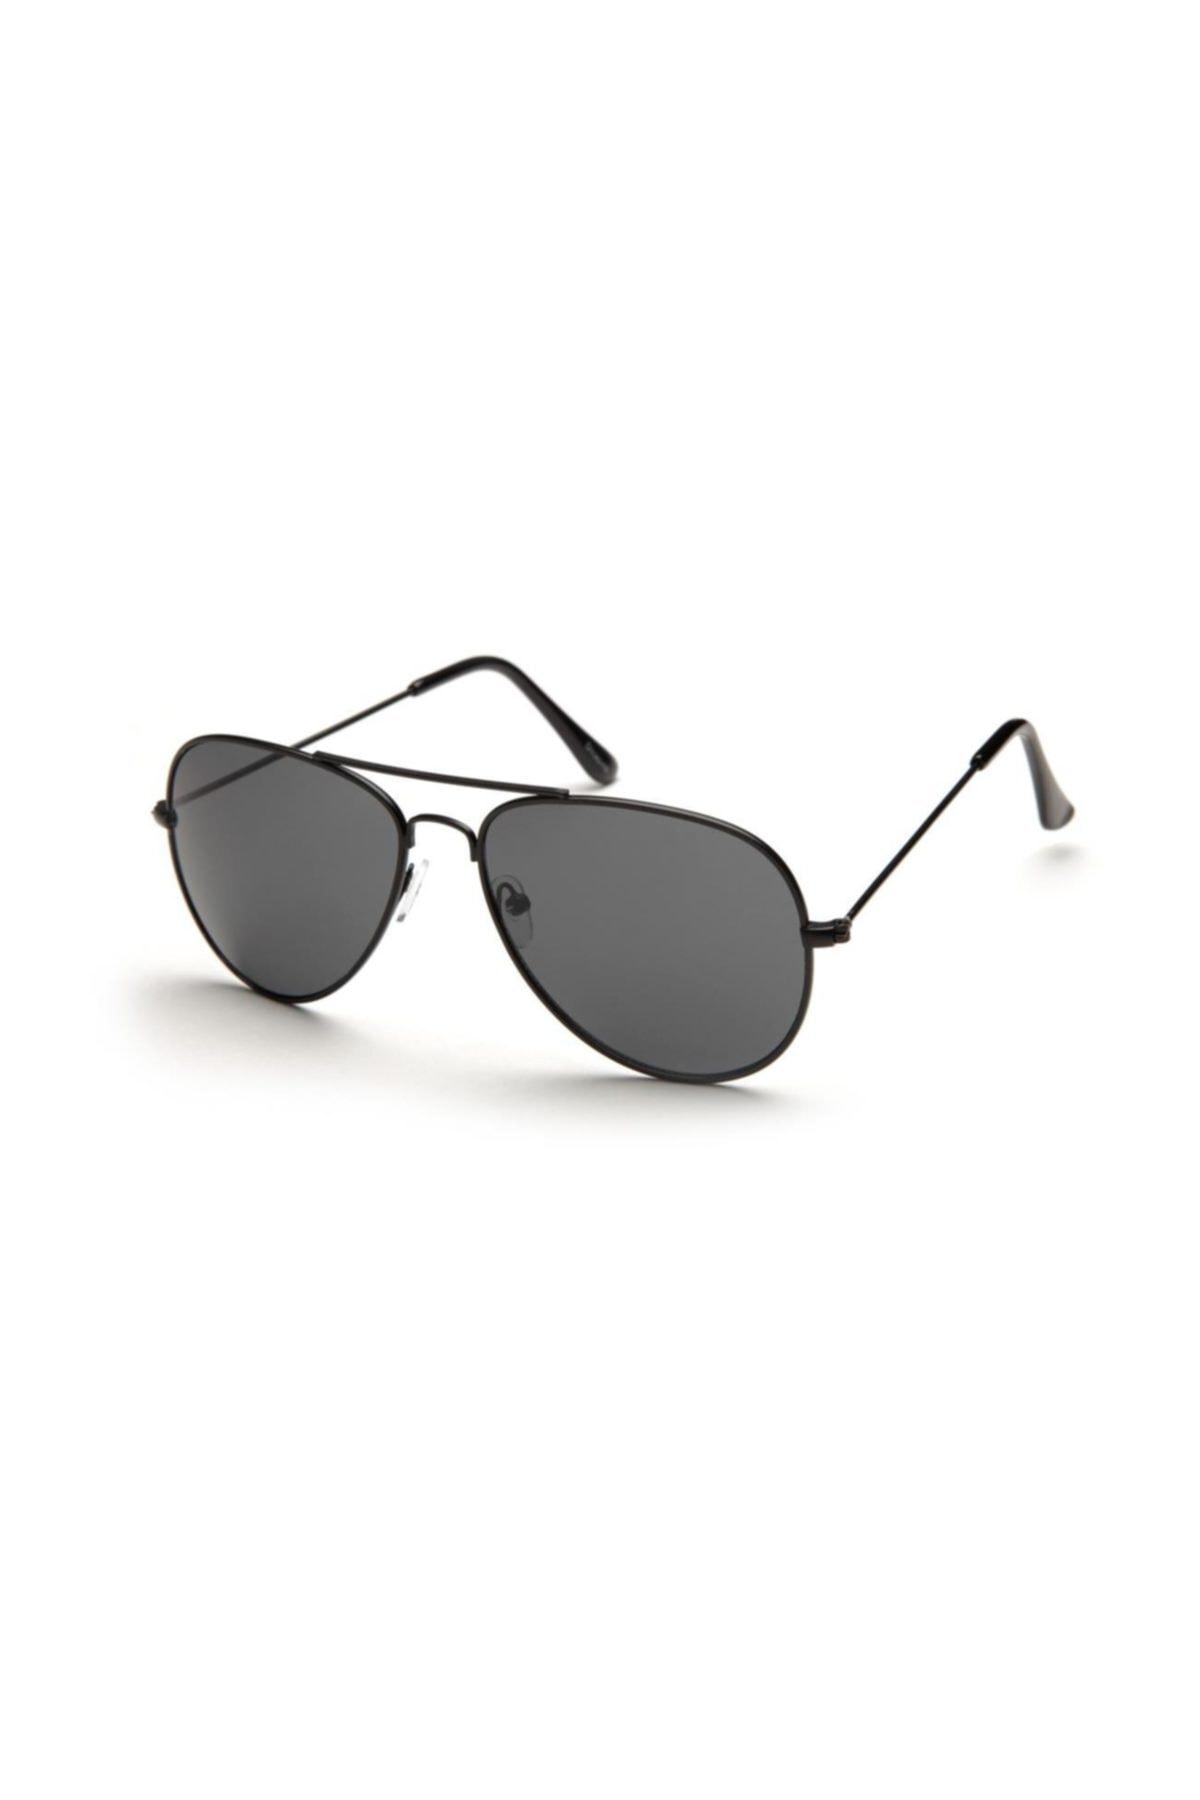 Di Caprio Unisex Oval Güneş Gözlüğü DH1548A 1